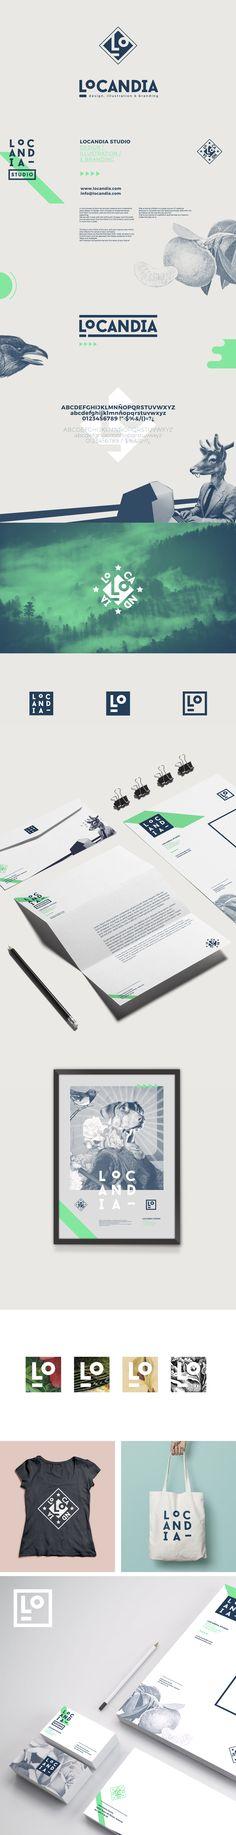 Nueva identidad corporativa de Locandia Estudio Corporate Identity #logo #stationery